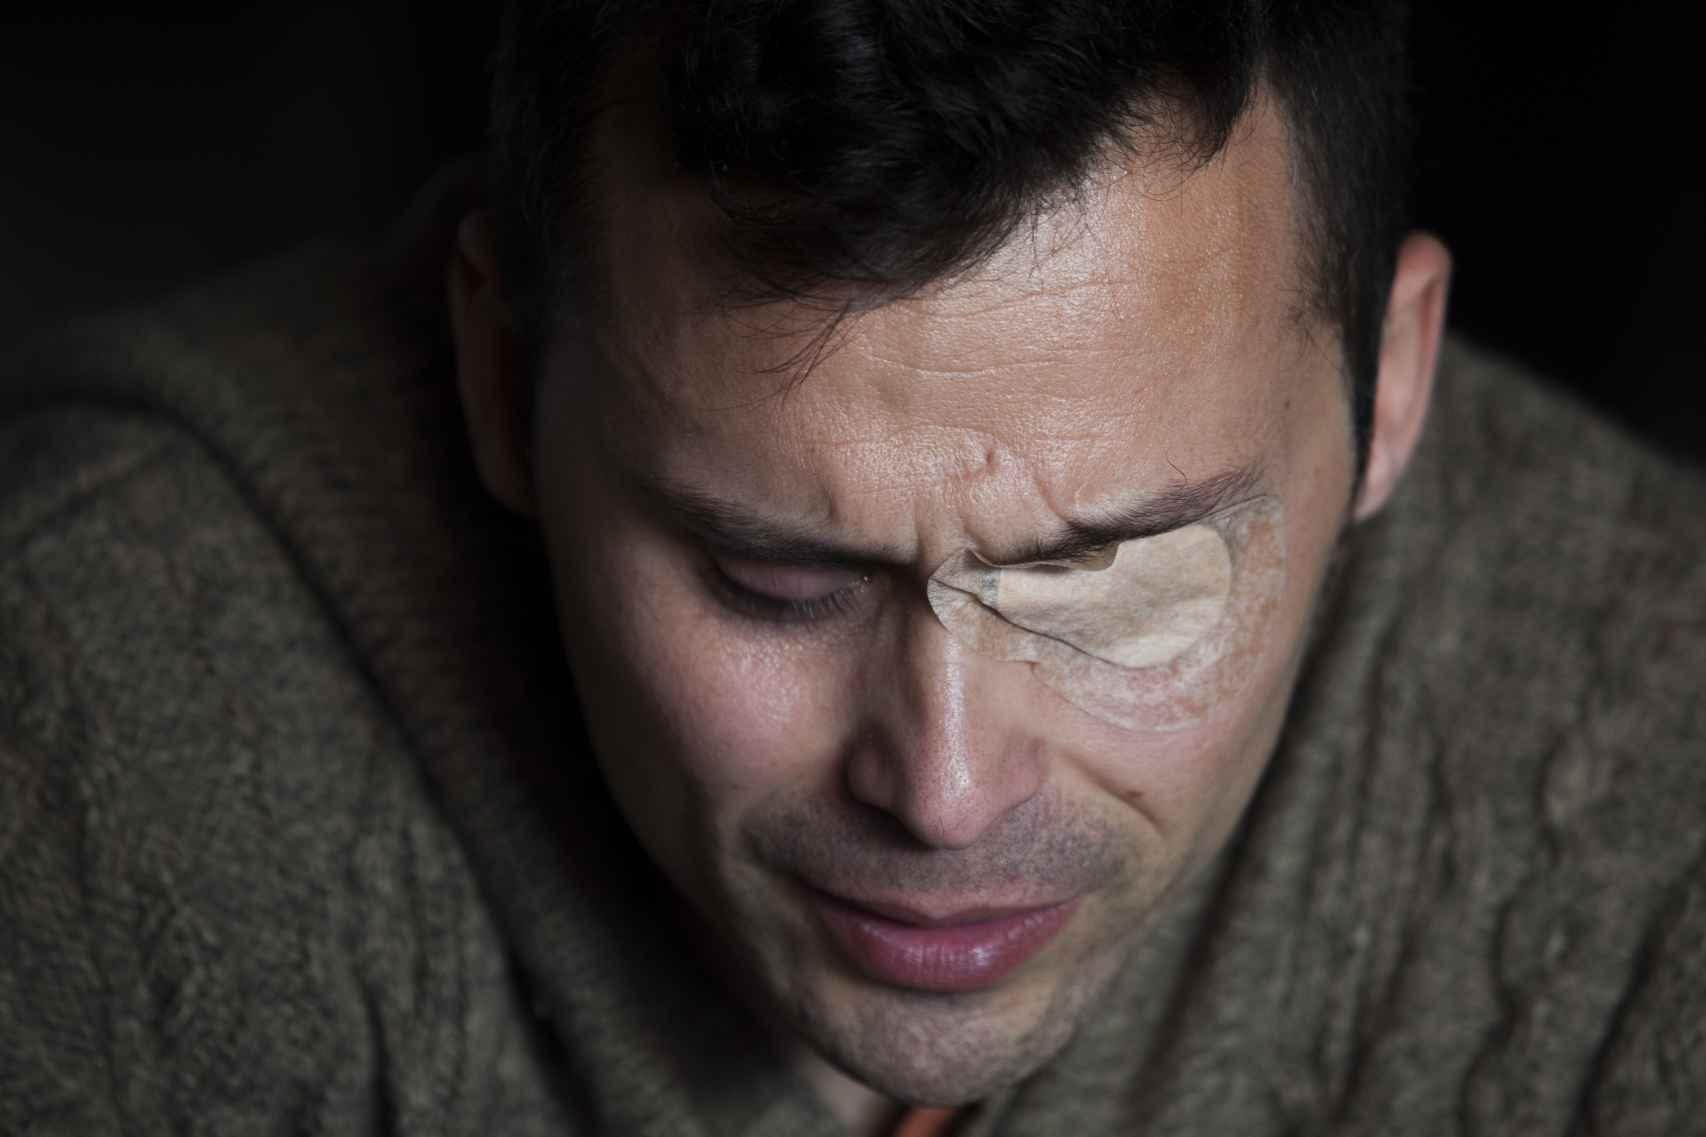 Juan recordando lo sucedido en la fatídica noche en la que perdió el ojo tras una brutal agresión.